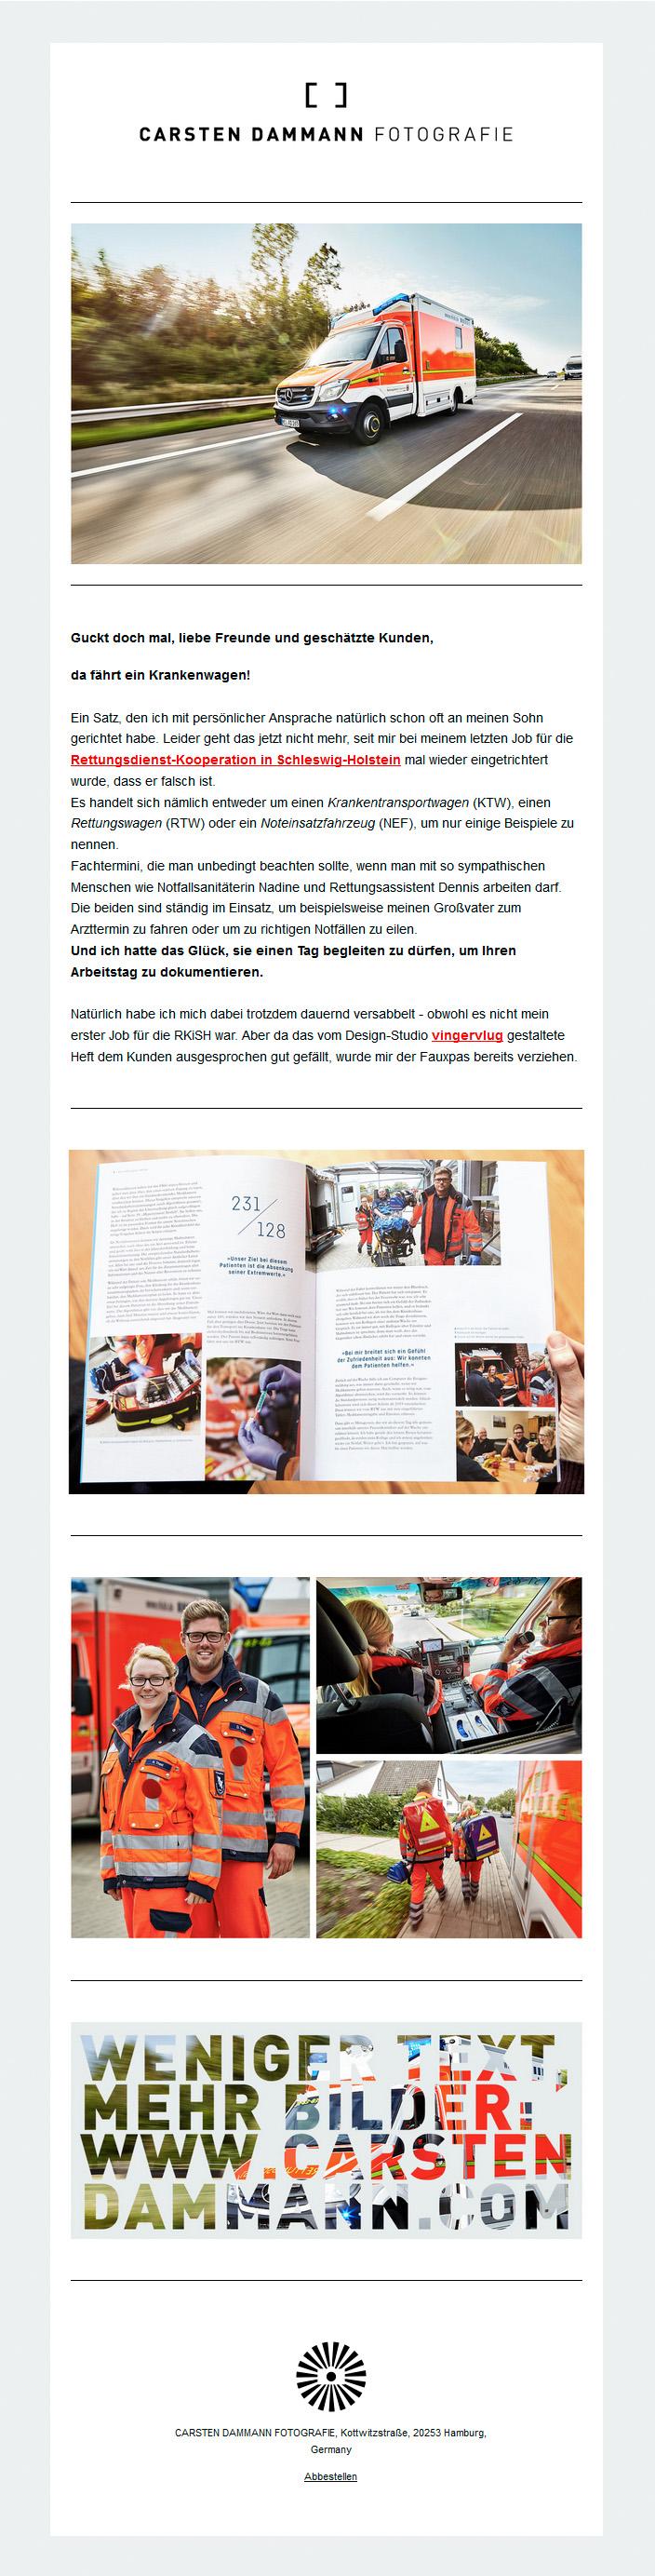 newsletter archiv carsten dammann 2019.jpg